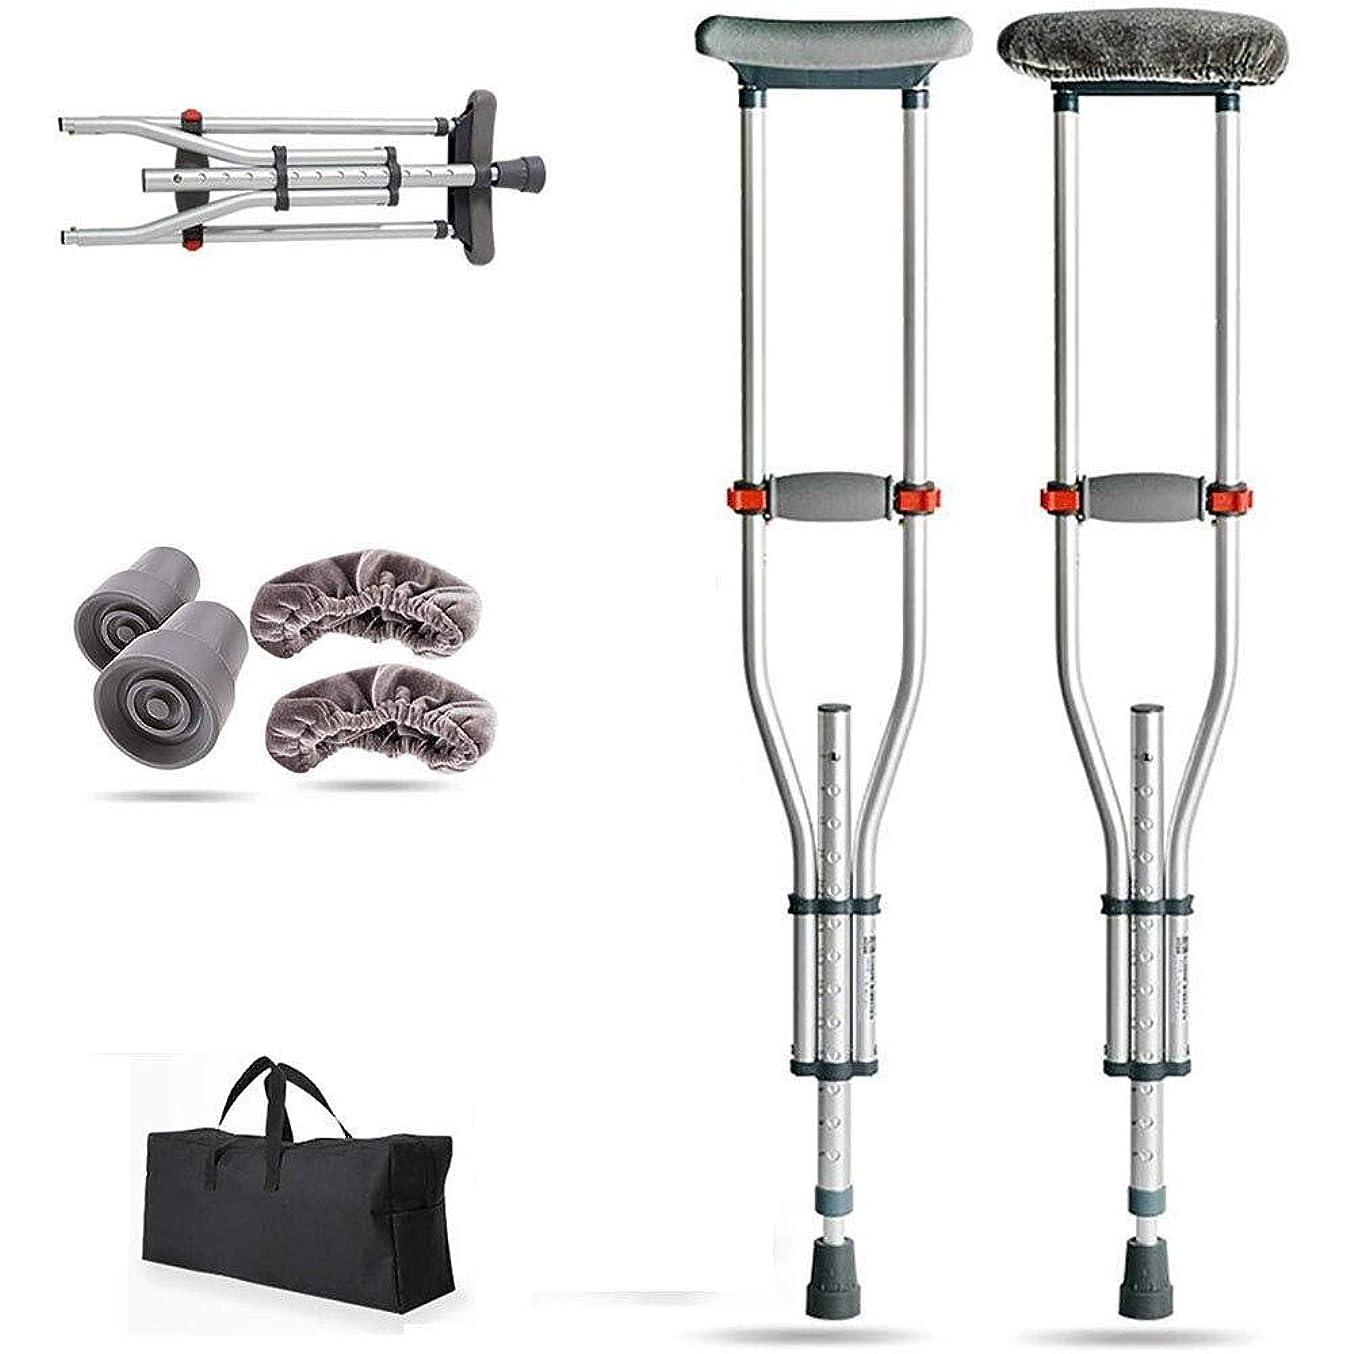 バージン矢じり惑星脇の下(ペア)松葉杖ダブル松葉杖アルミニウム合金厚肉杖滑り止め高さ調節可能松葉杖医療リハビリテーション松葉杖痛みを軽減するため、折り畳み式、小型、持ち運びが簡単